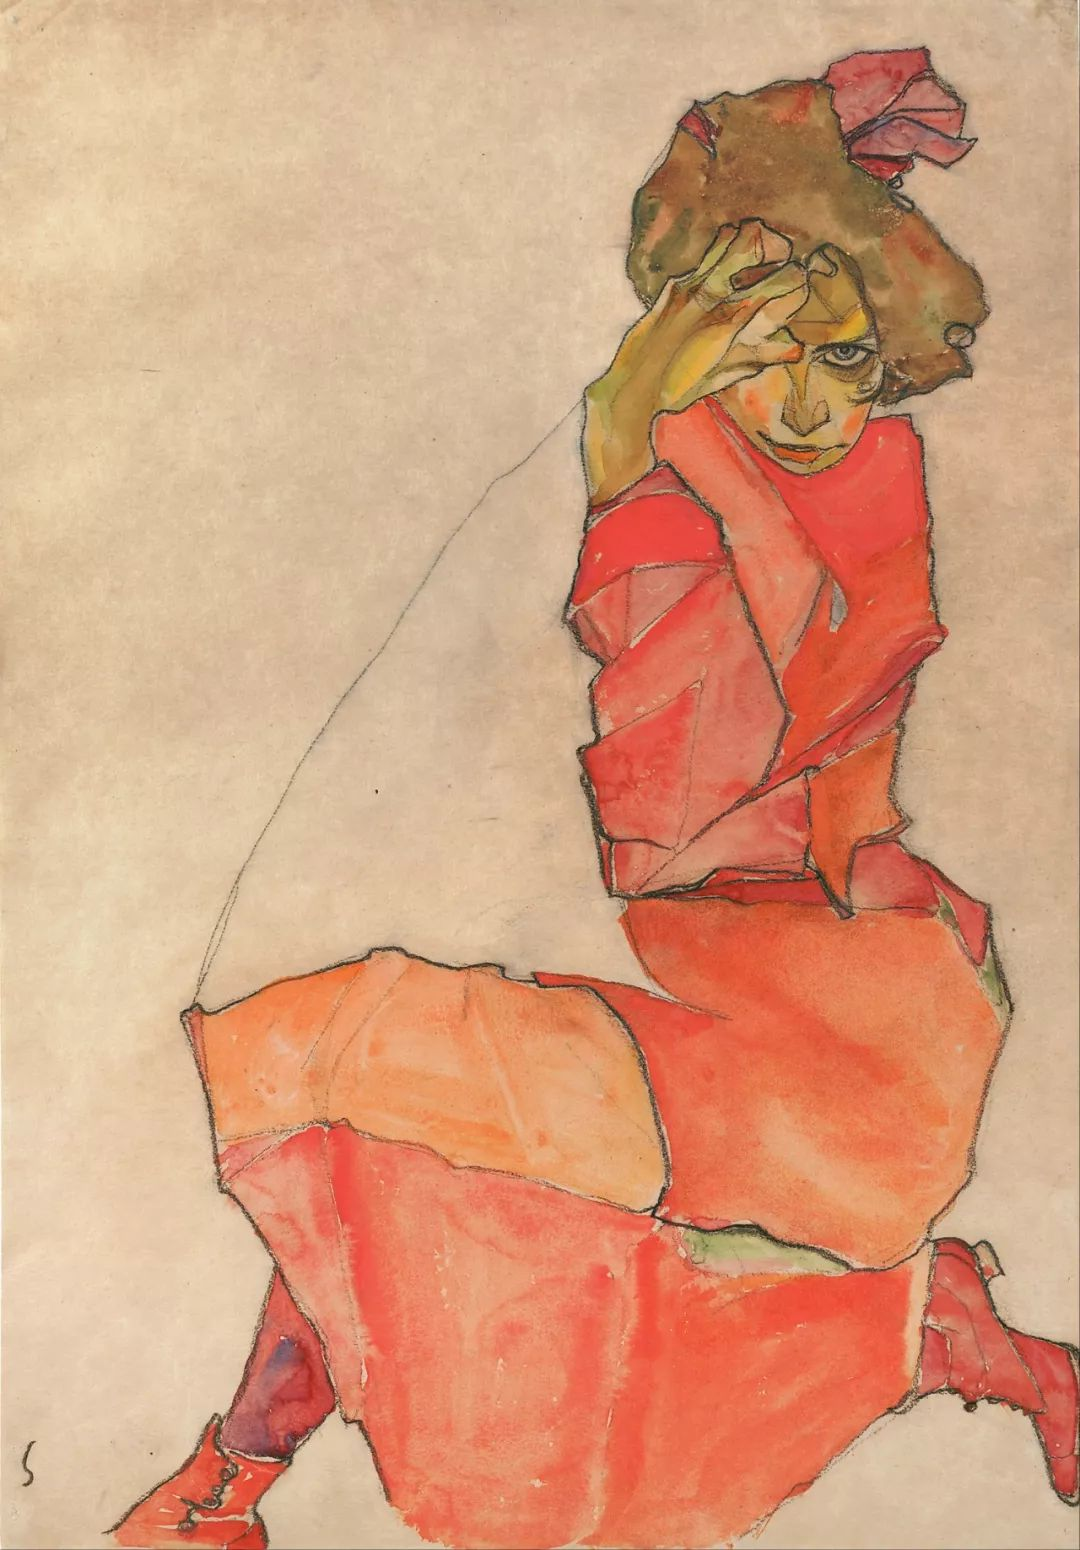 年仅28岁,生前遭受非议,死后却被捧为直逼心灵的艺术家插图113